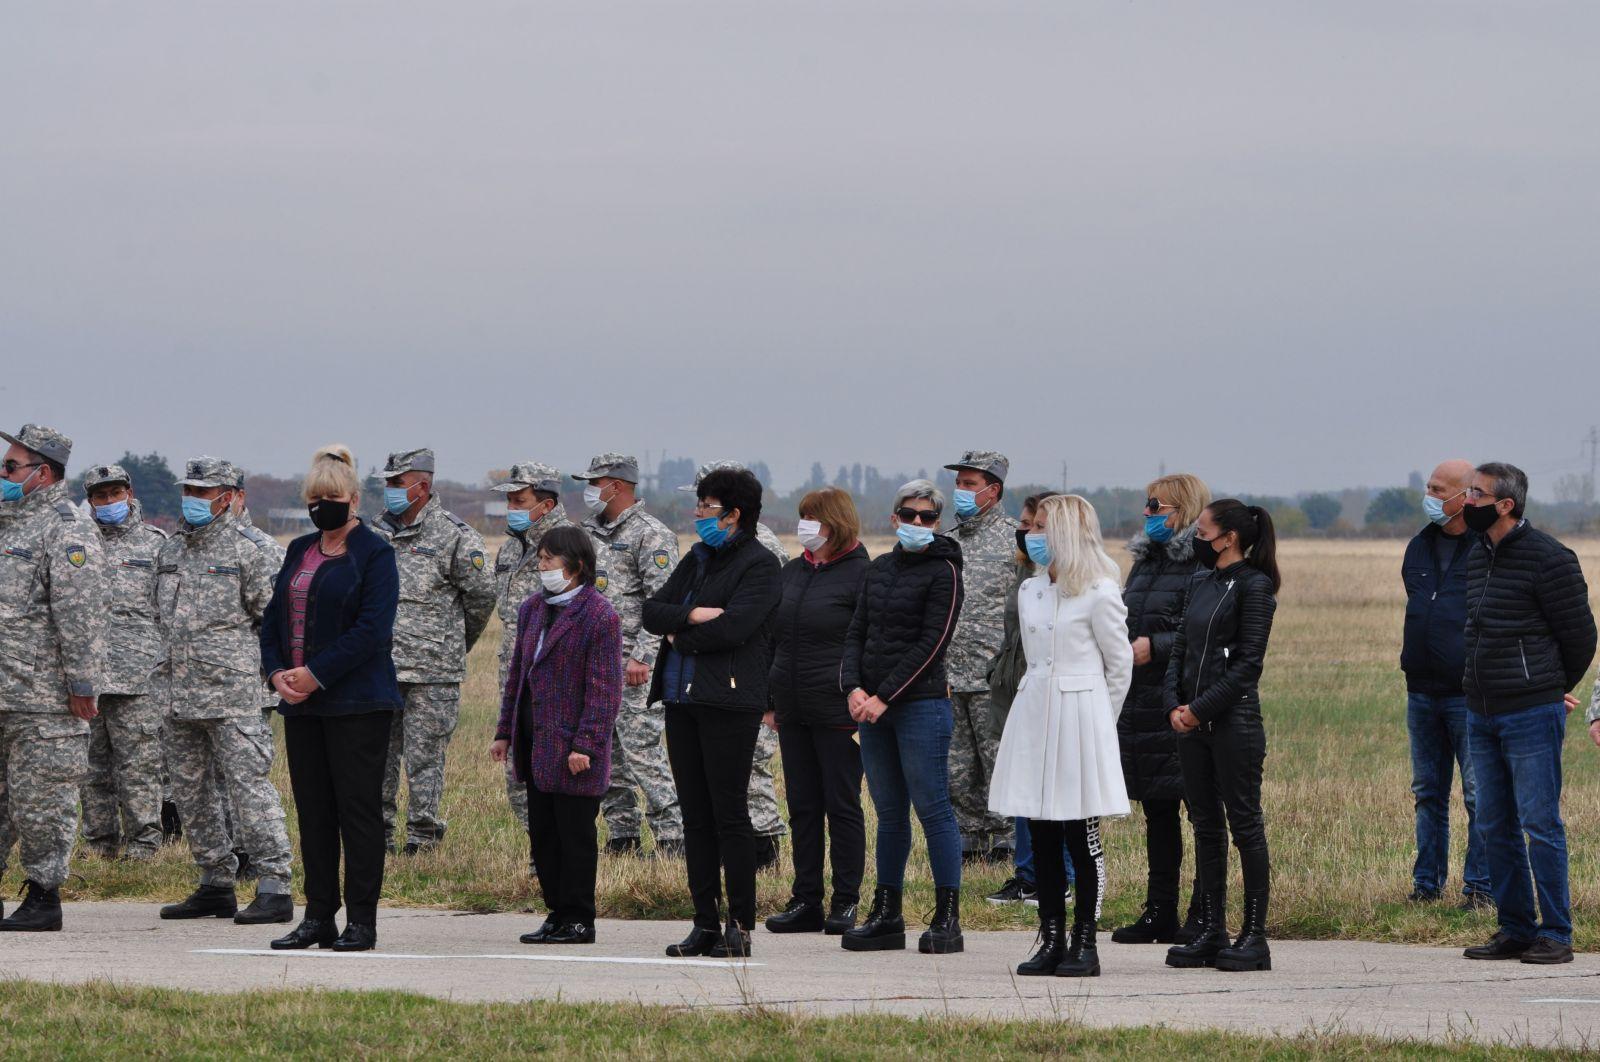 Тържествено отбелязване на празника на 24-та Авиобаза Крумово - ХОРАТА (фотогалерия) - 2 част